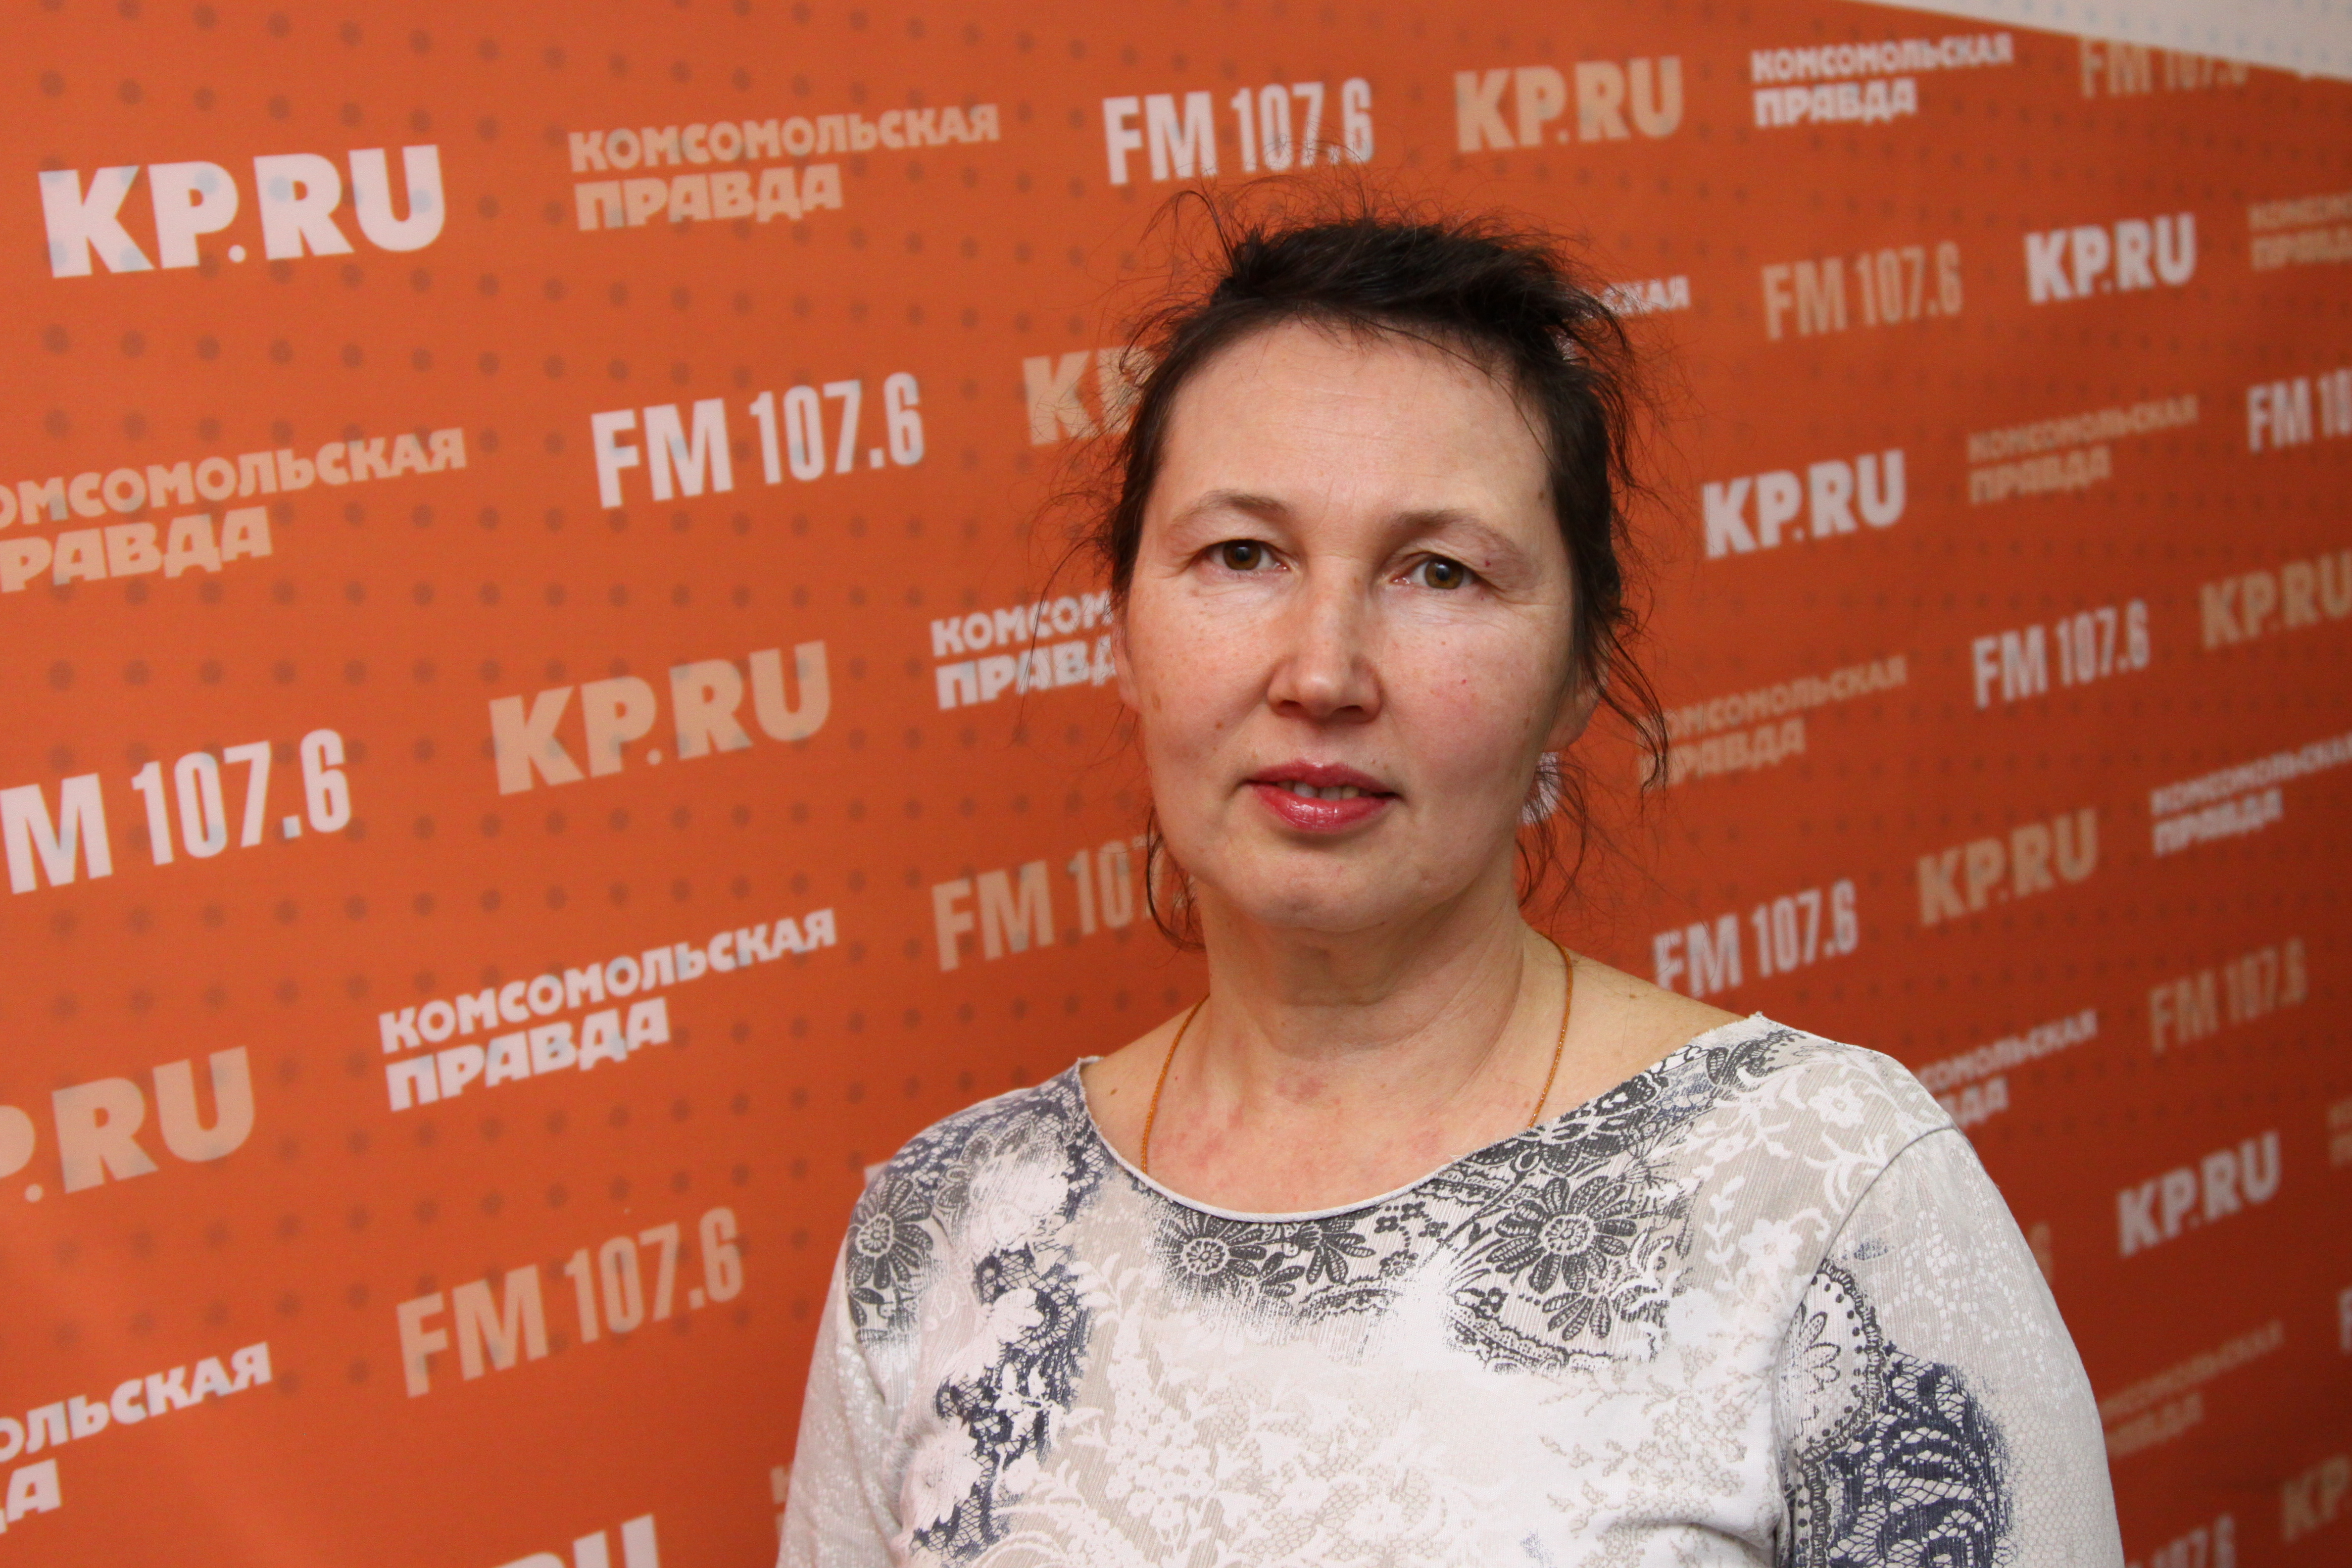 Управляющая профессиональной ассоциацией висцеральных терапевтов по Удмуртии Ольга Гуреева